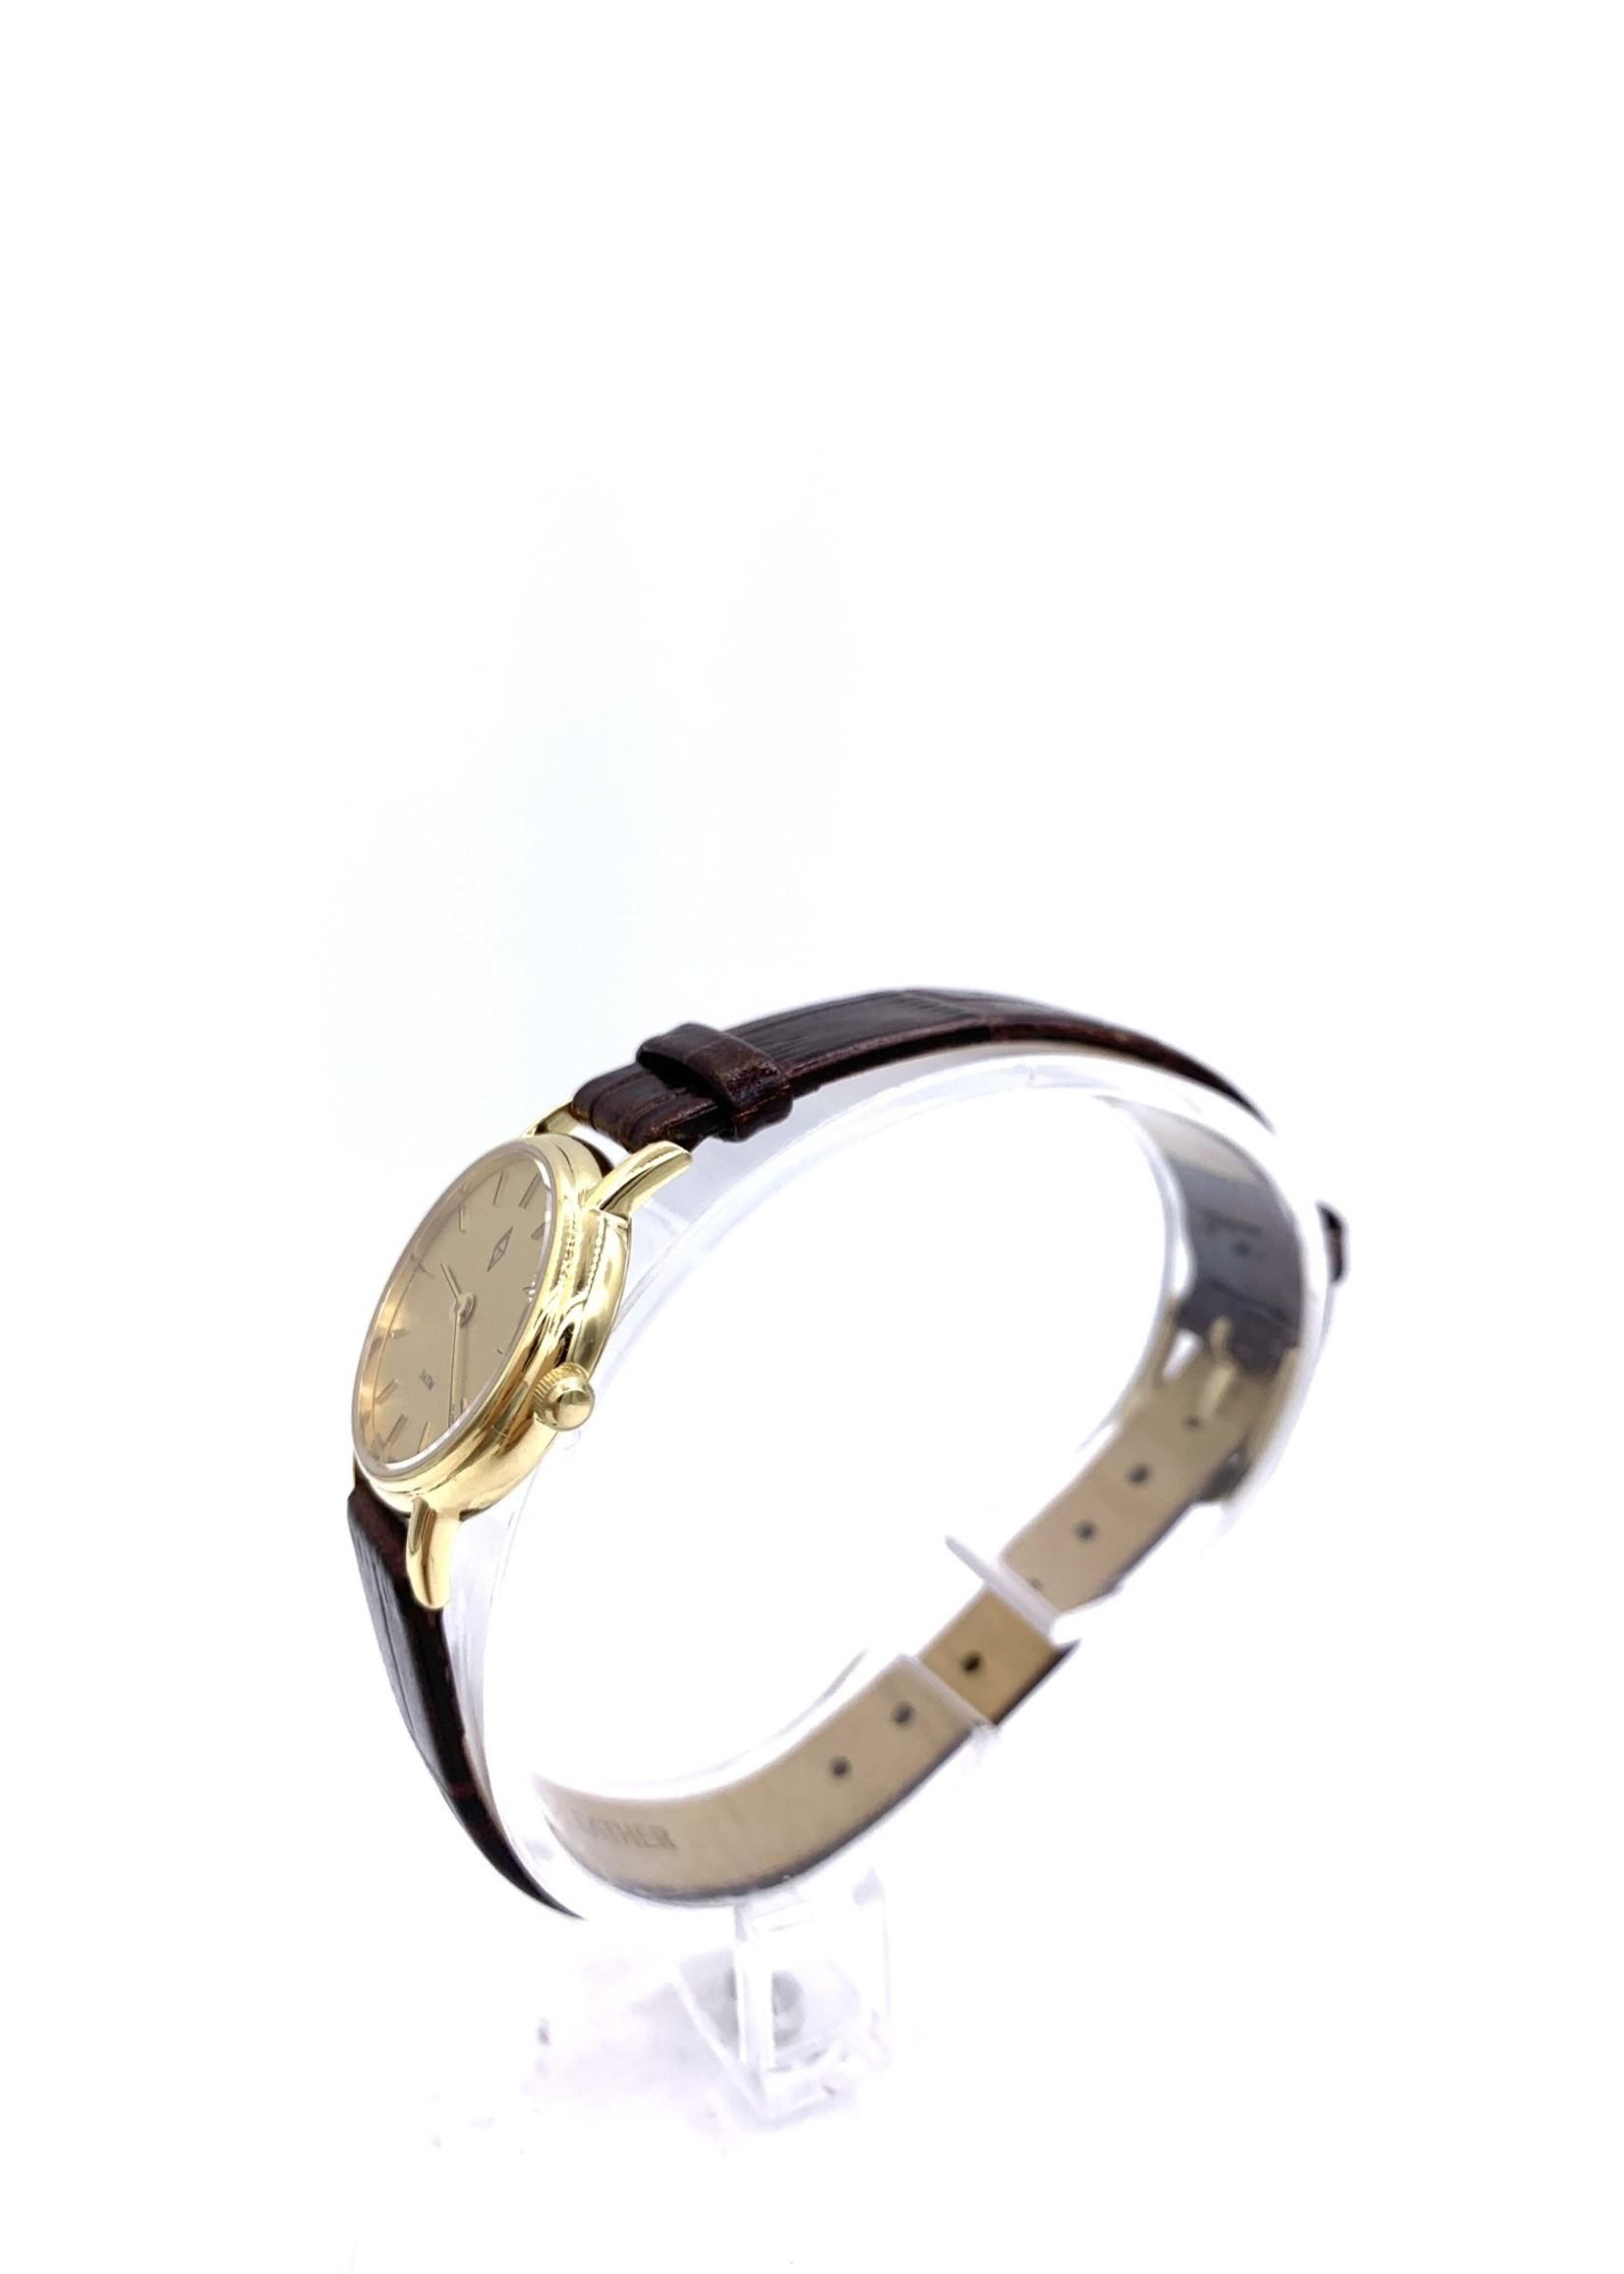 Belair Time Corp CJ Watch 3ATM LDS 14K Ultra T Watch